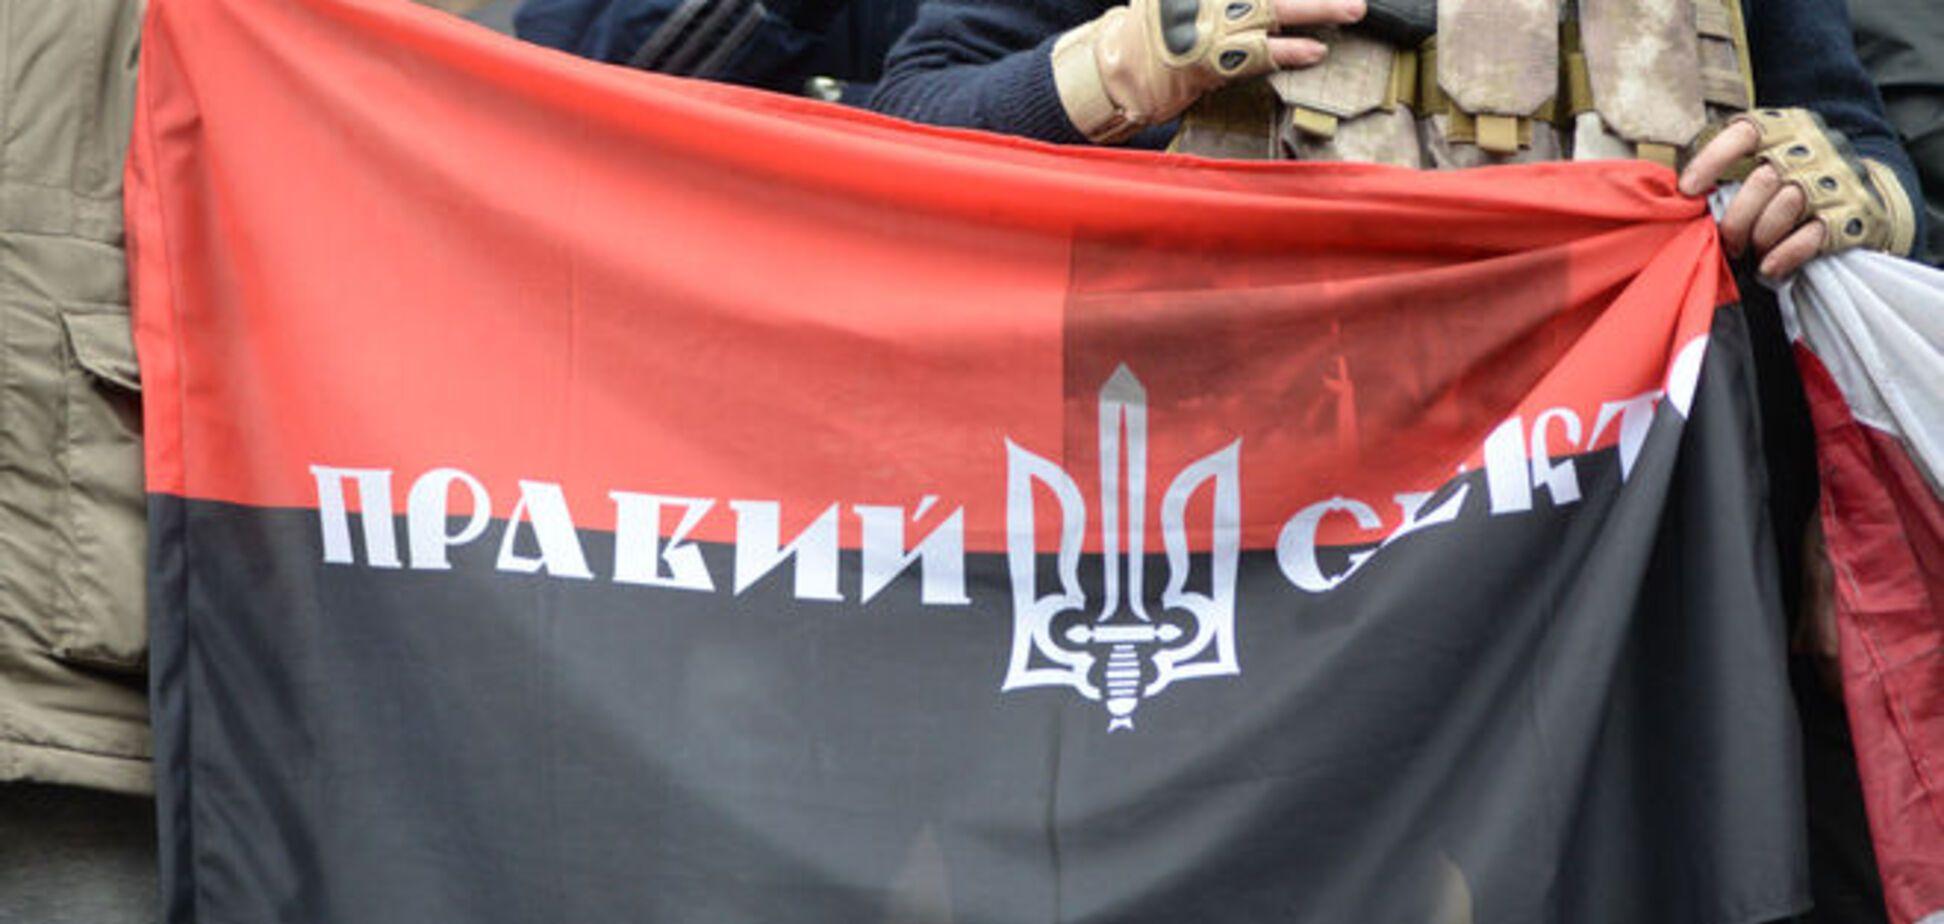 Ярош рассказал, как Правый сектор 'цинично пытает' пленных